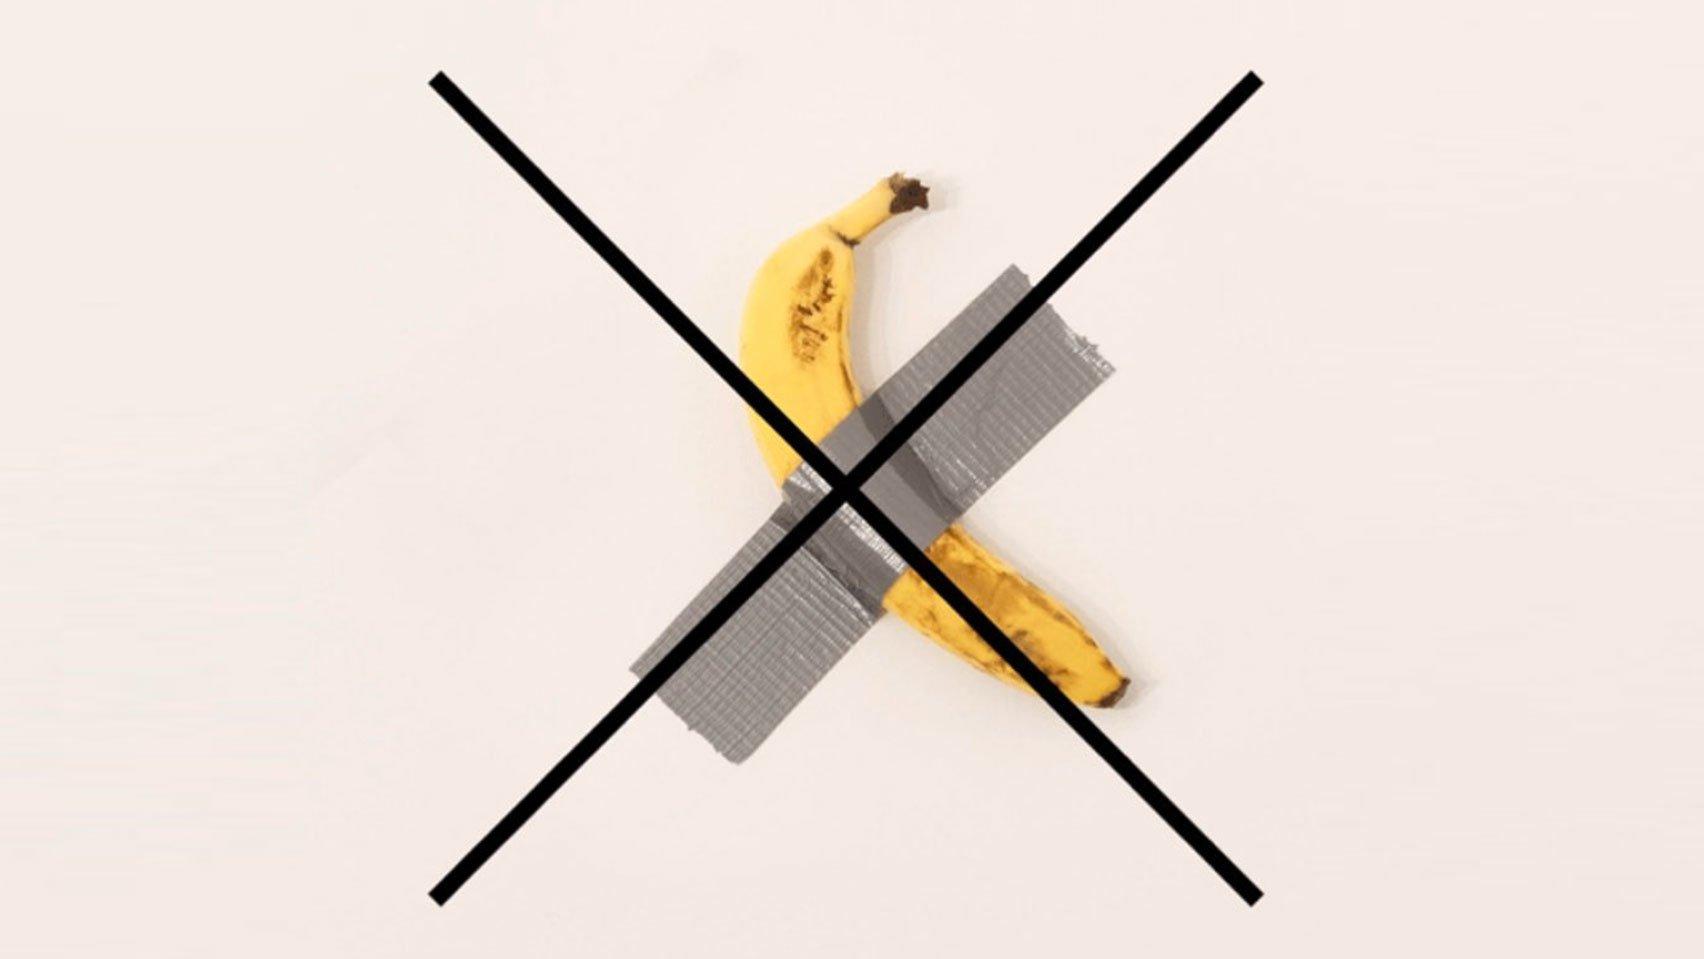 banana-duct-taped-dezeen-hero.jpg